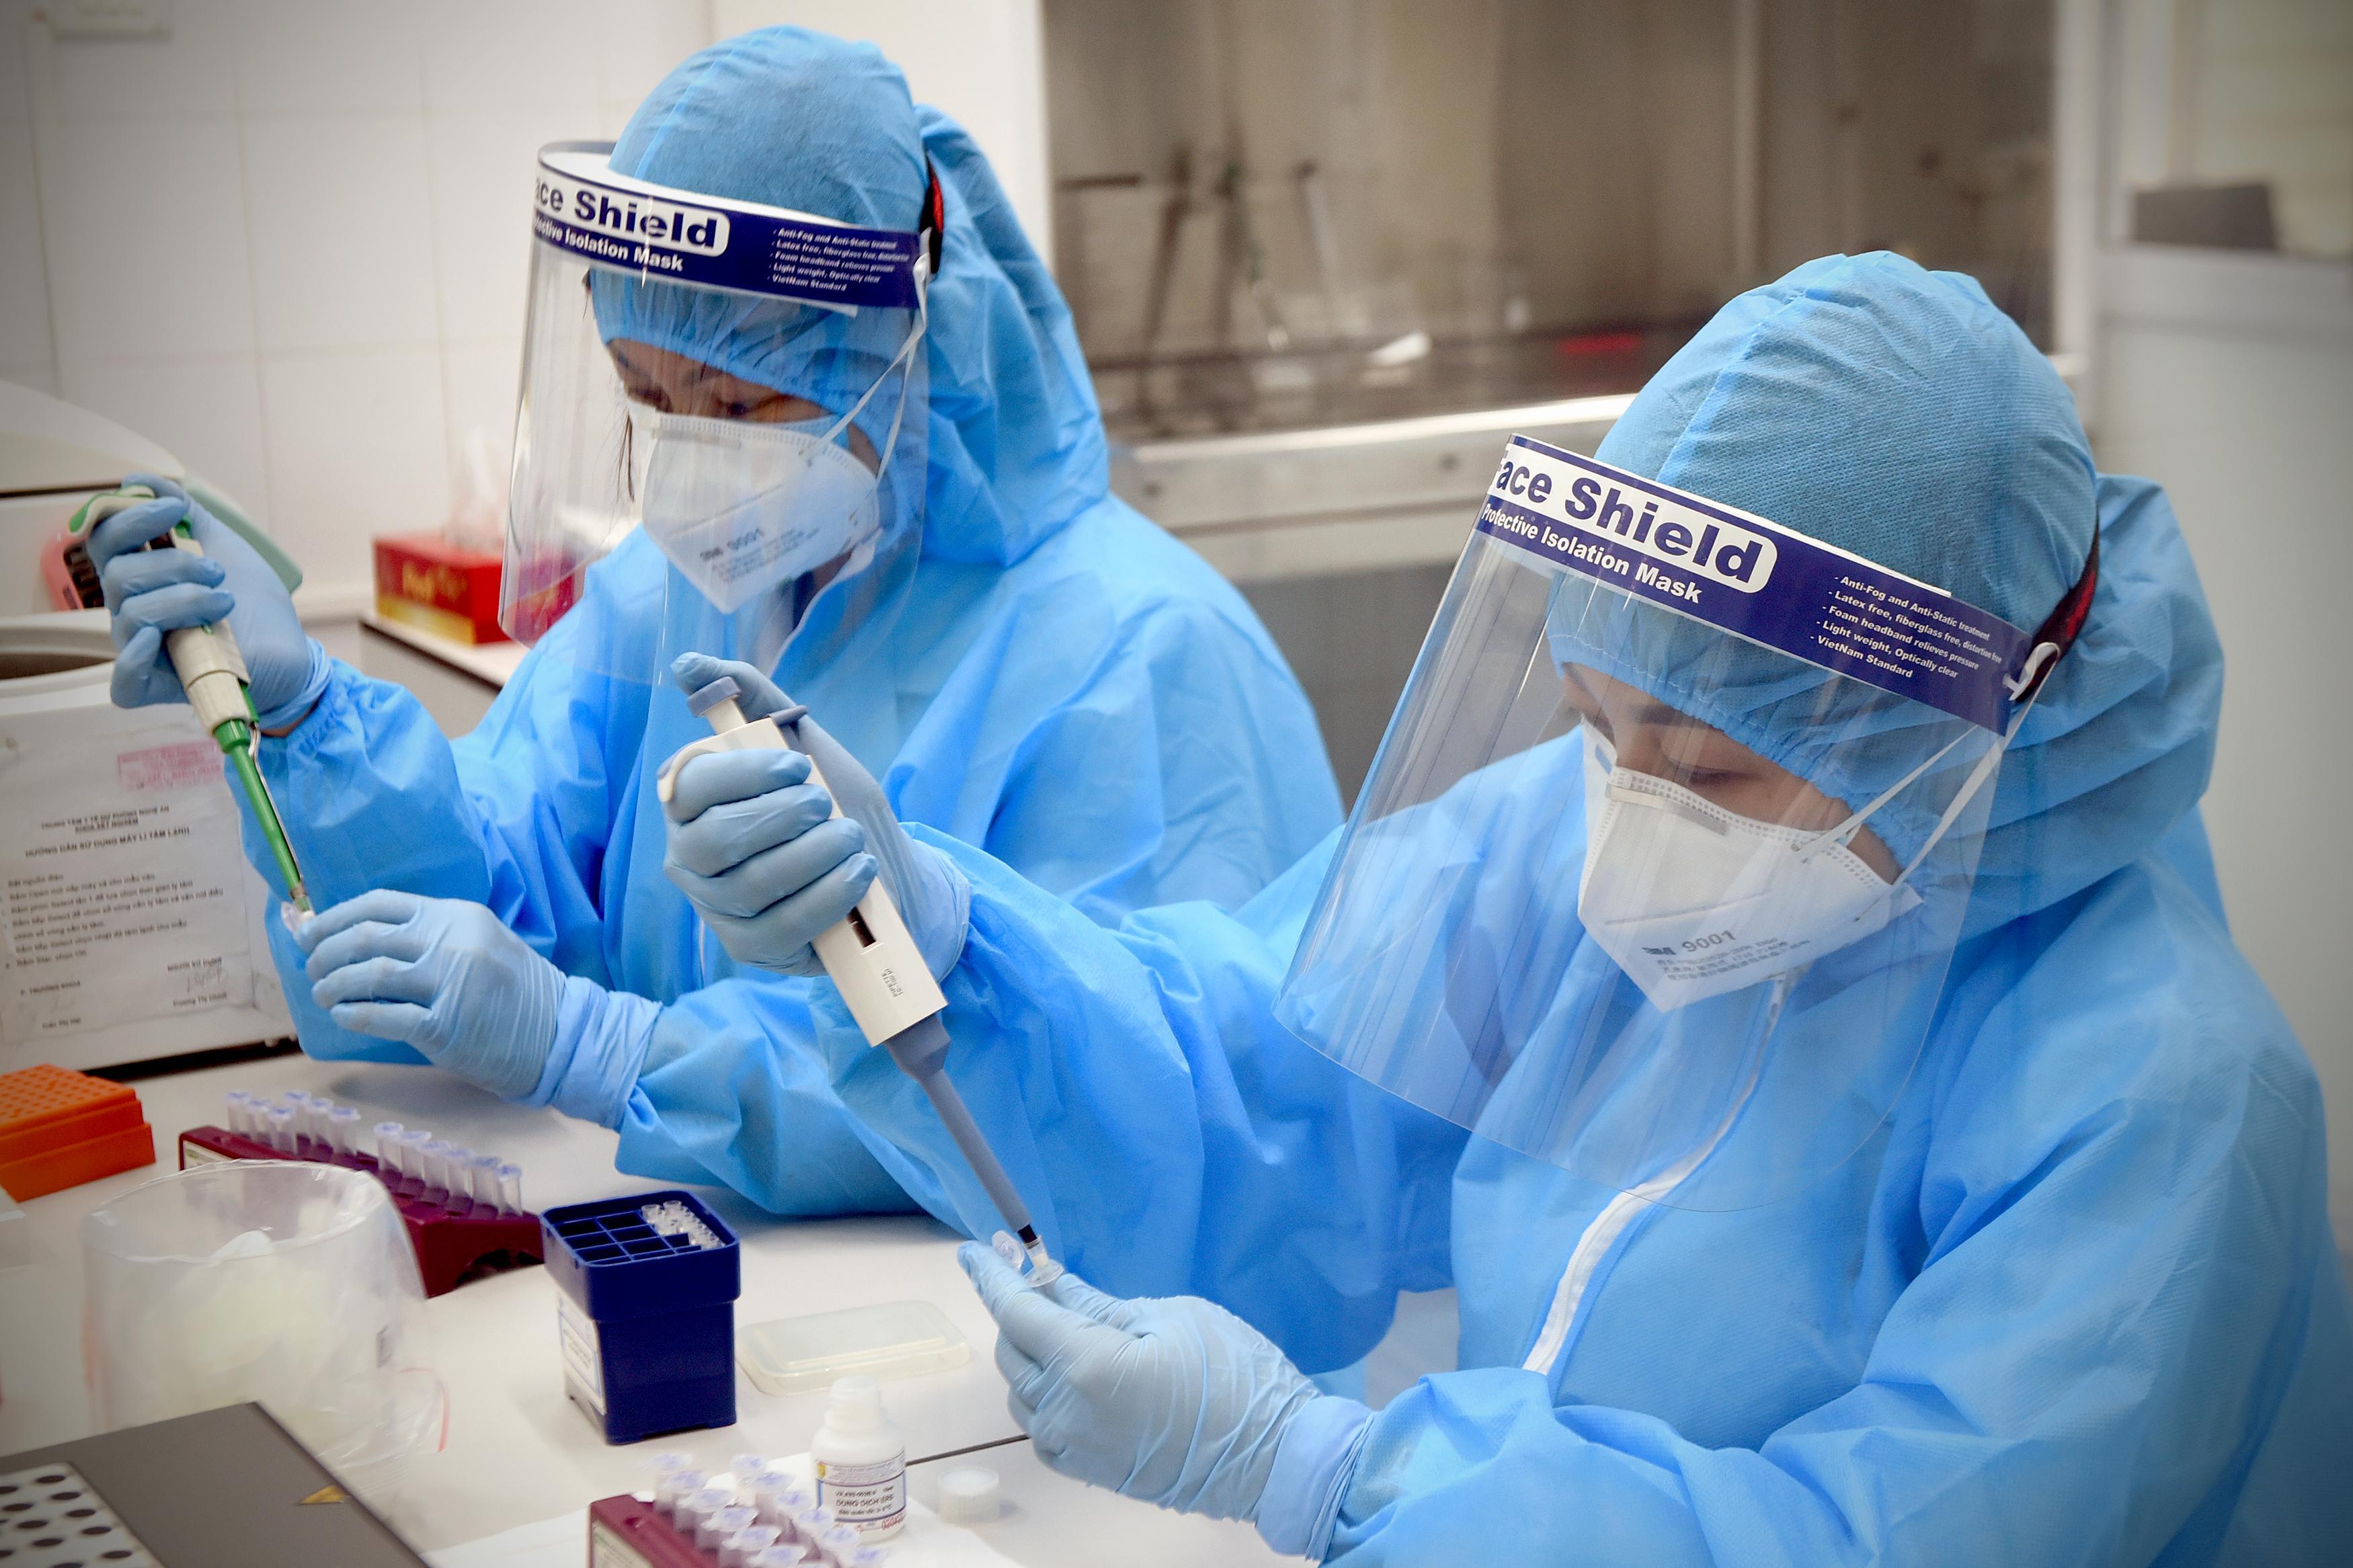 Hình ảnh: Tối 14/10 Việt Nam ghi nhận 3.092 ca nhiễm mới COVID - 19 số 2